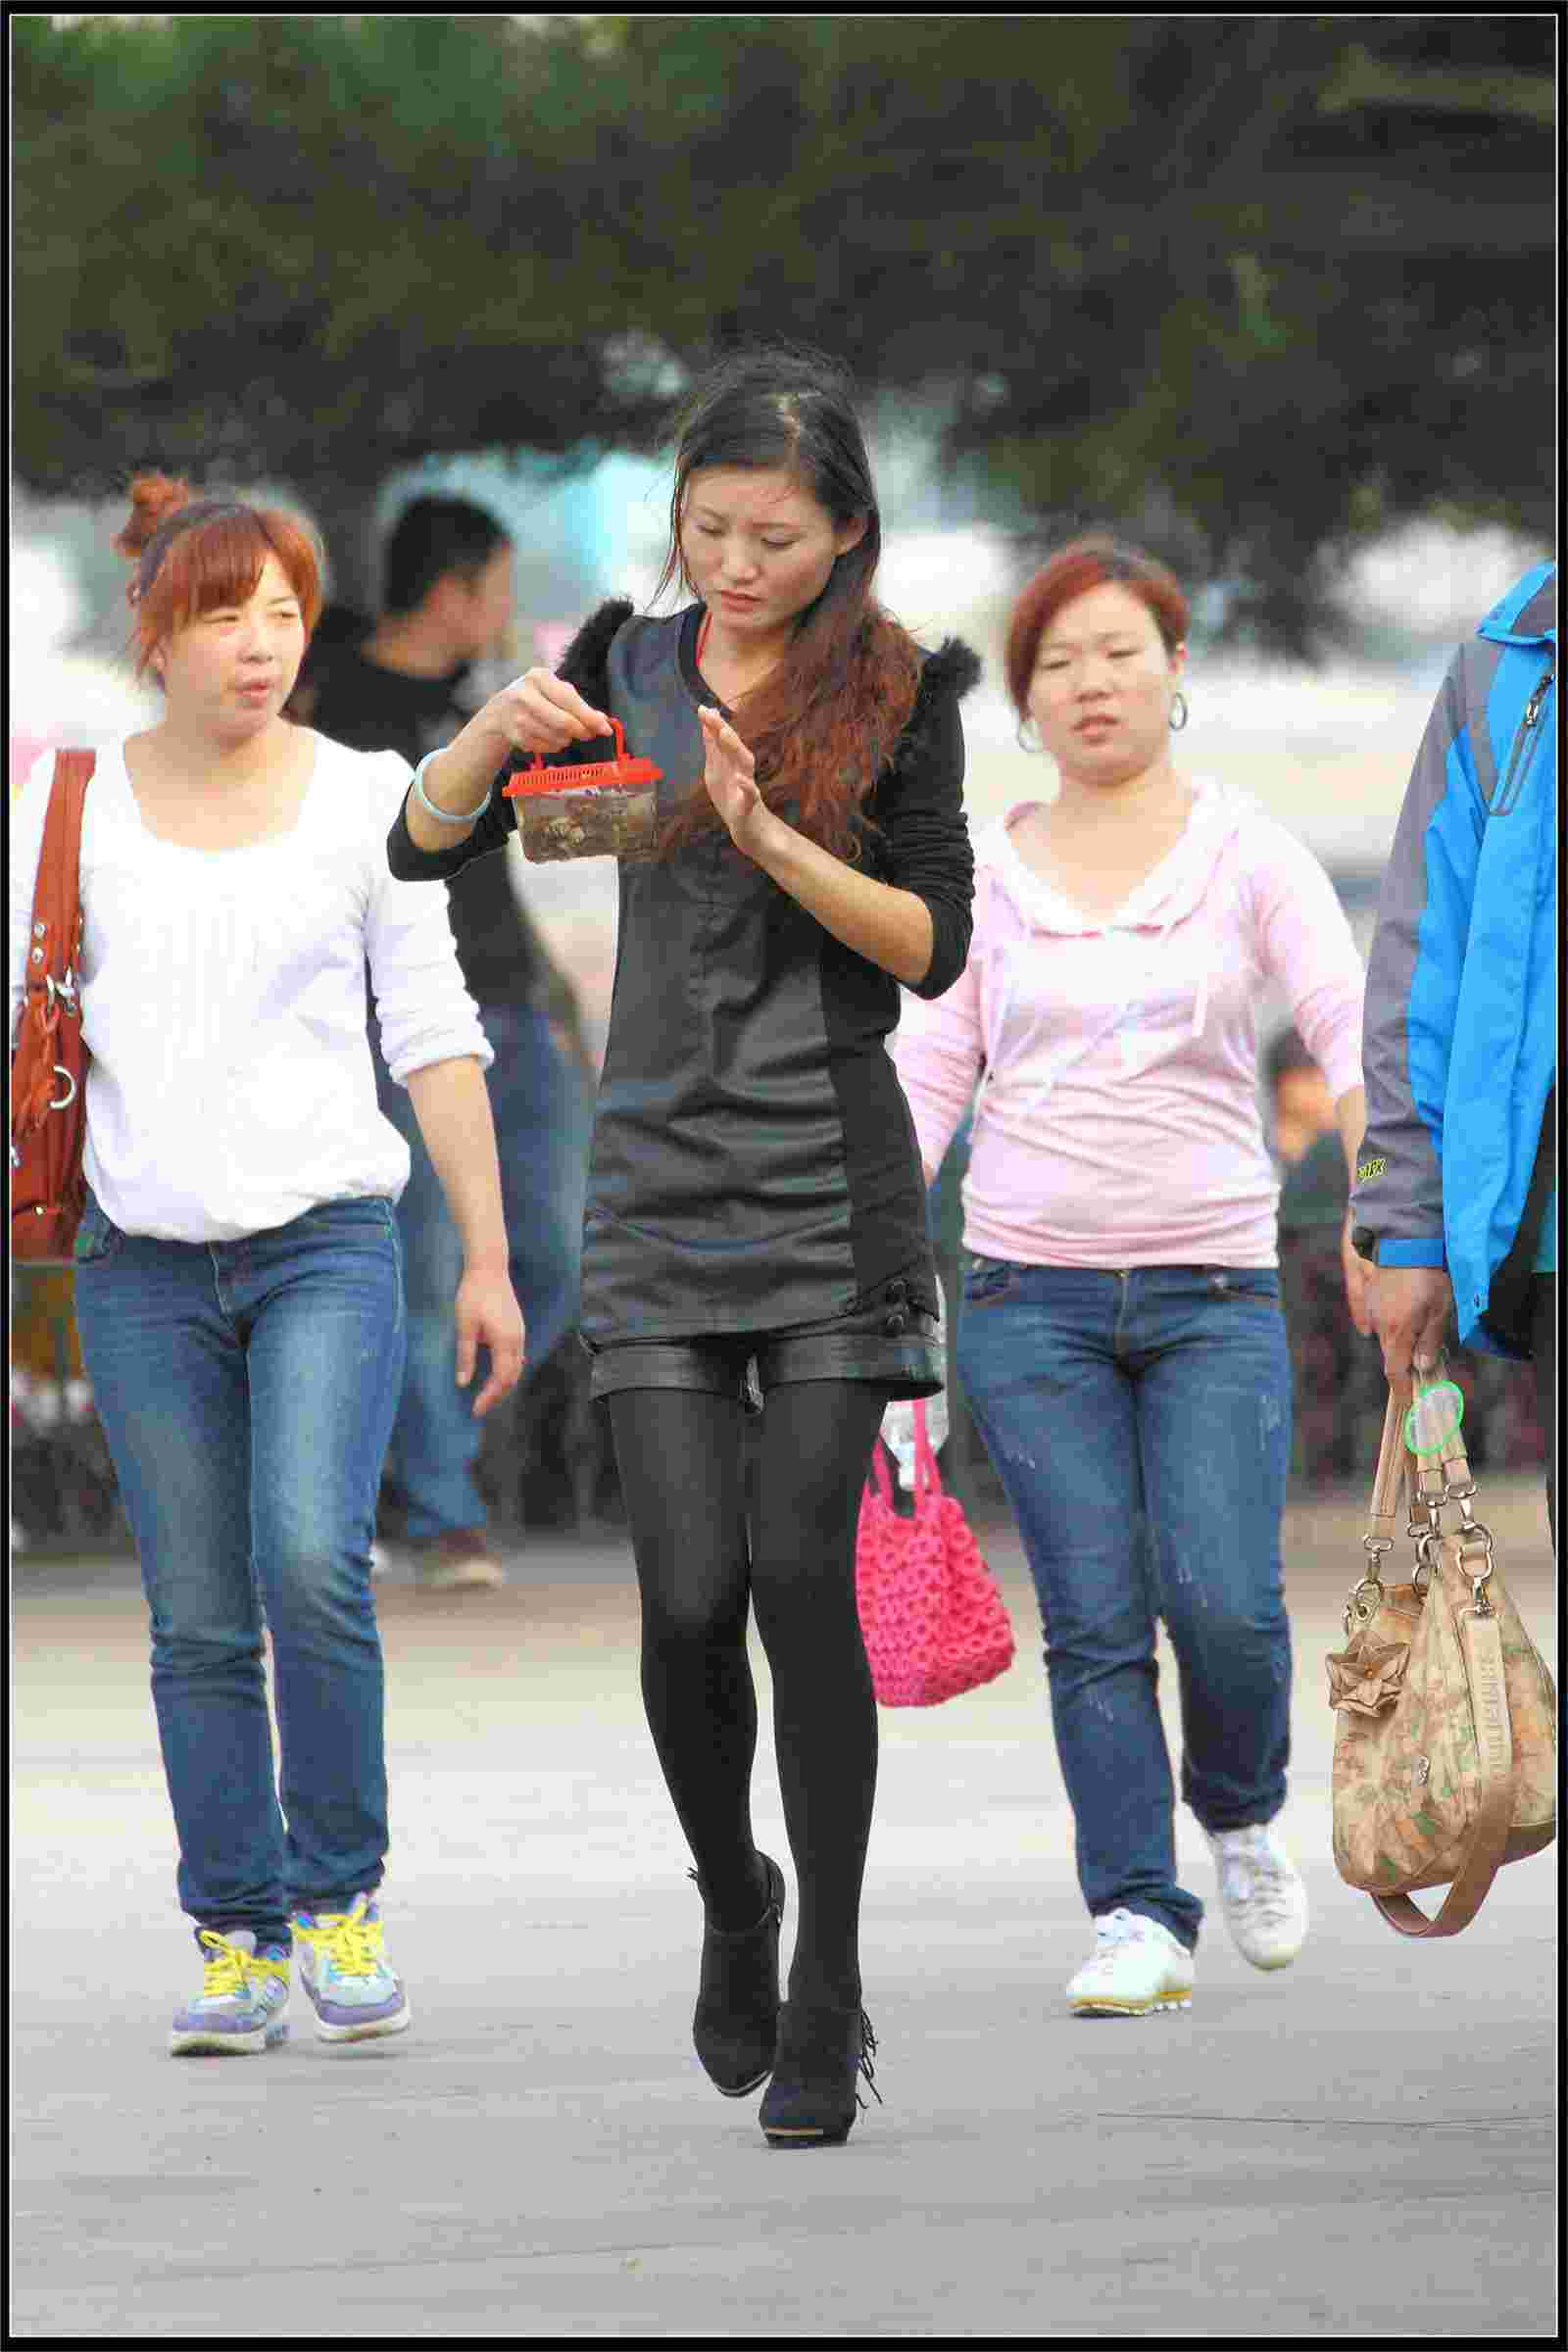 街拍夏日短发热裤美女玩手机